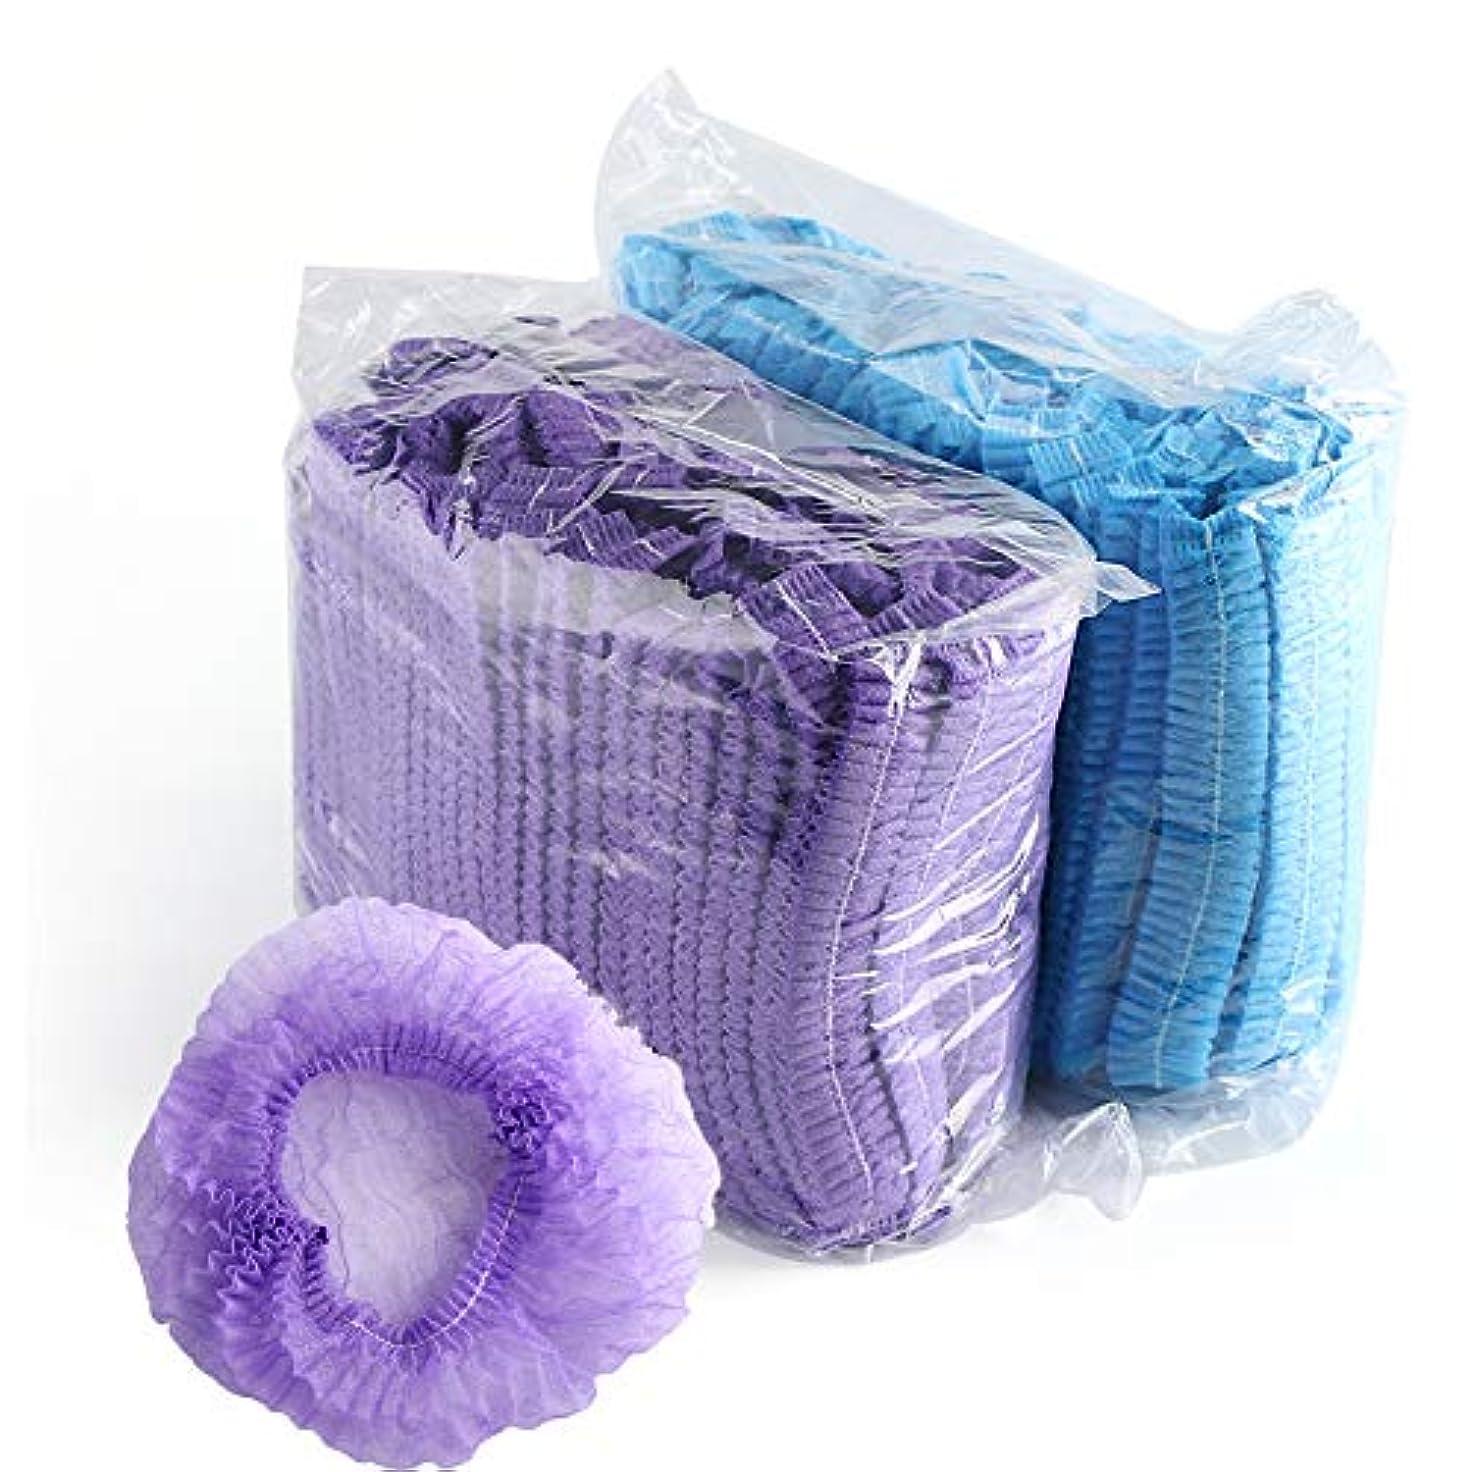 ガイドペッカディロぶら下がる100ピース使い捨てストリップシャワーキャップ不織布シャワーキャップホテルシャワーキャップ染めヘアキャップ防水クリーニング美容サロンタトゥー帽子 (Blue)